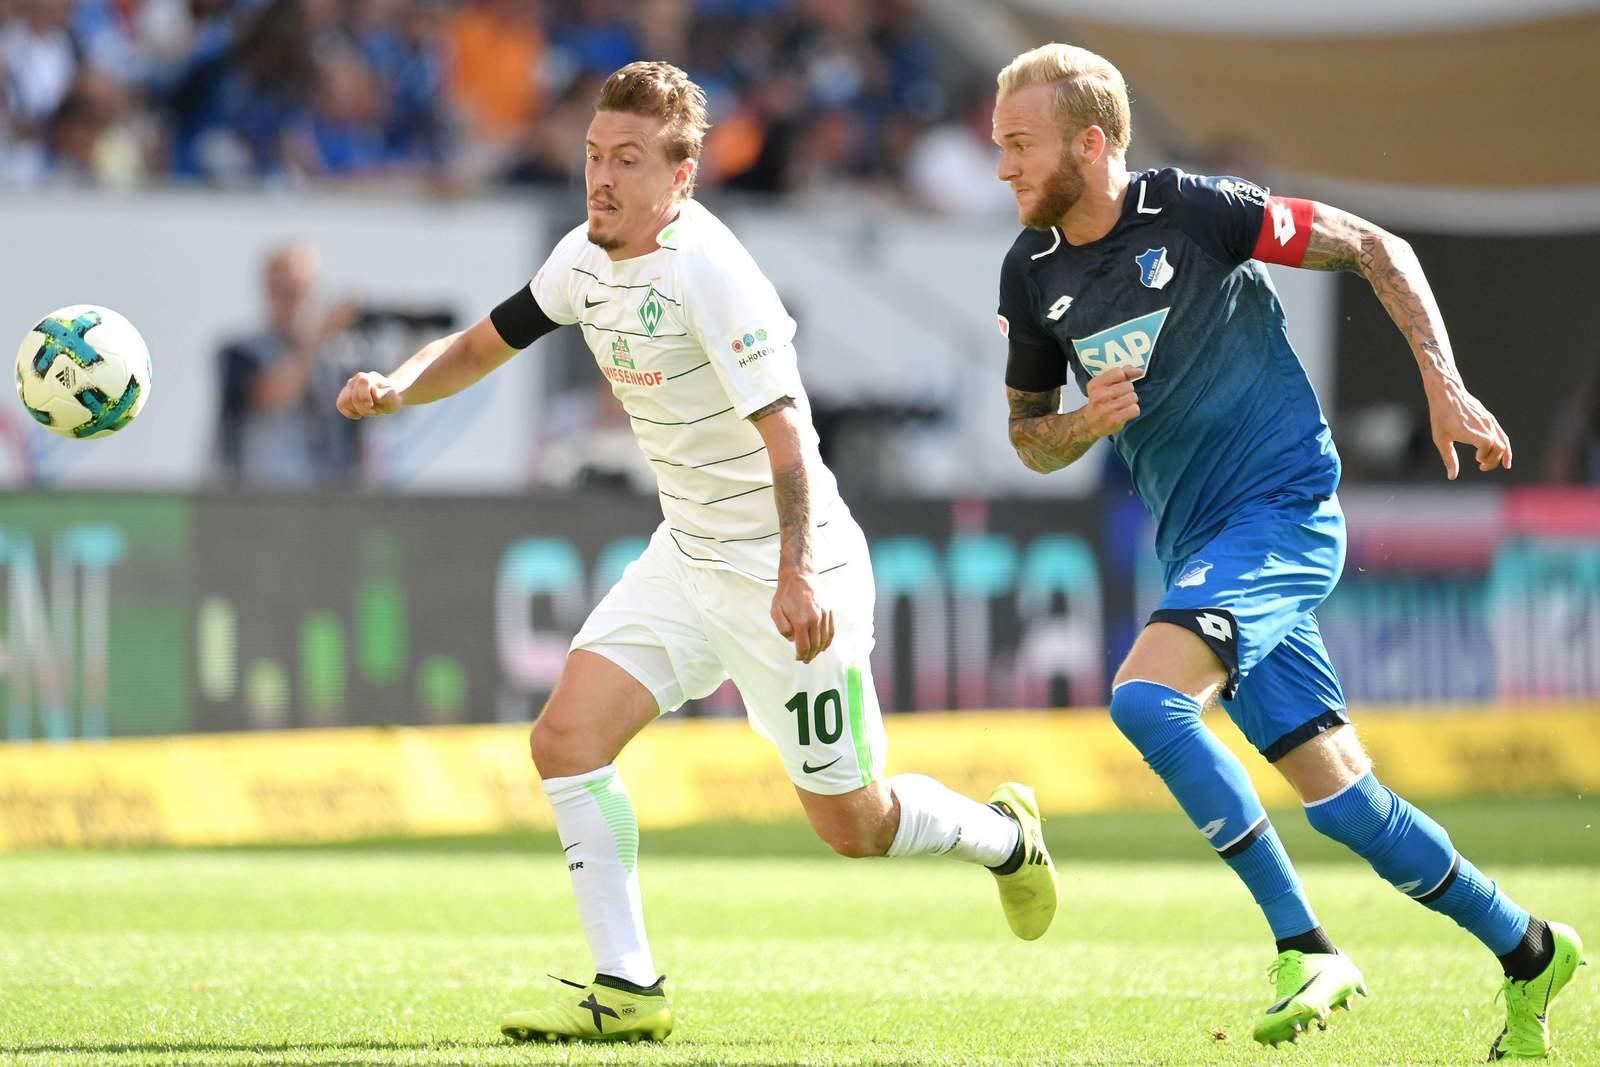 Setzt sich Kruse gegen Vogt durch? Jetzt auf Hoffenheim gegen Werder wetten